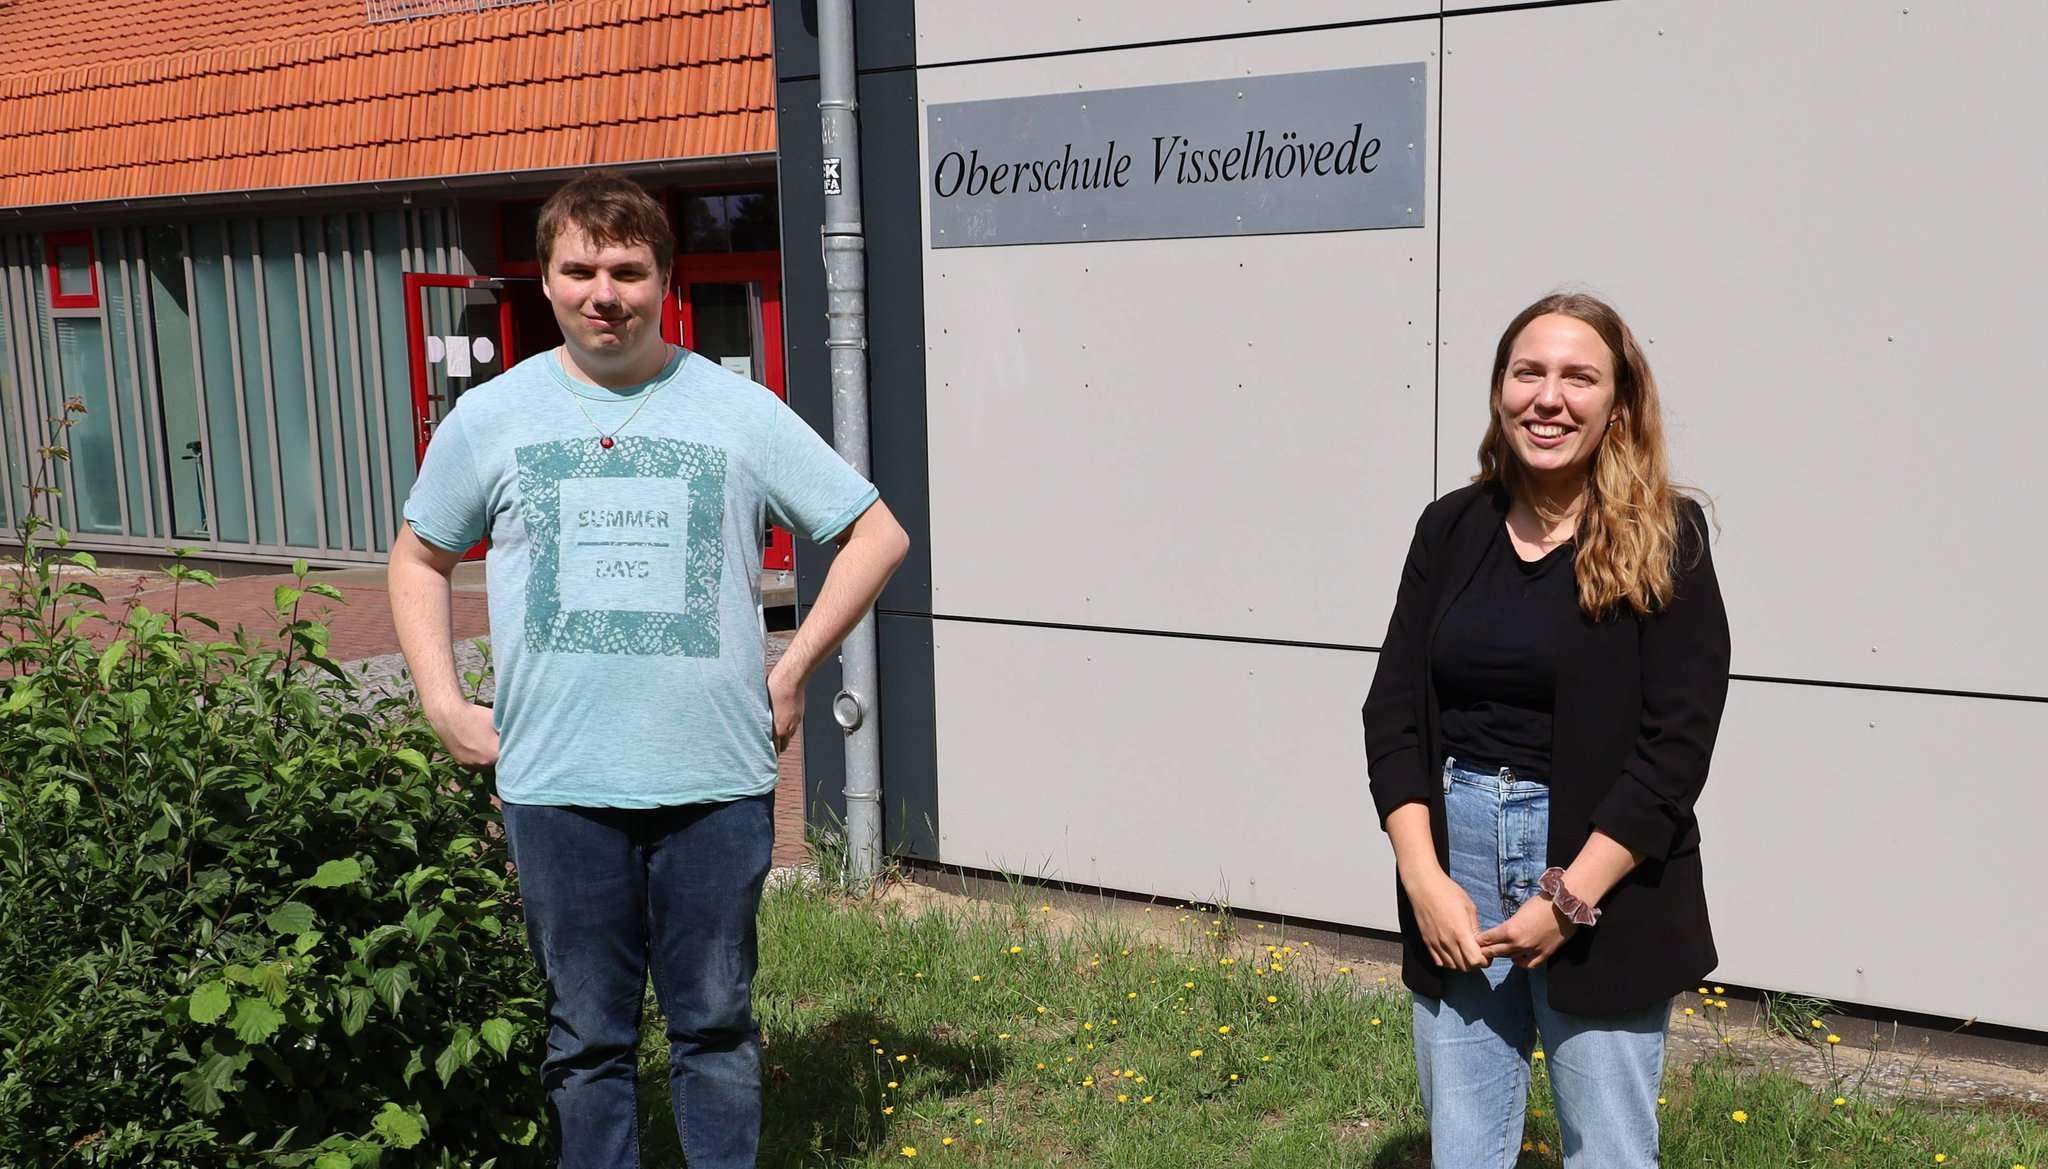 Nico Metze und Merle Gräf waren ein Jahr Bufdis an der Oberschule Visselhövede. Foto: Henning Leeske